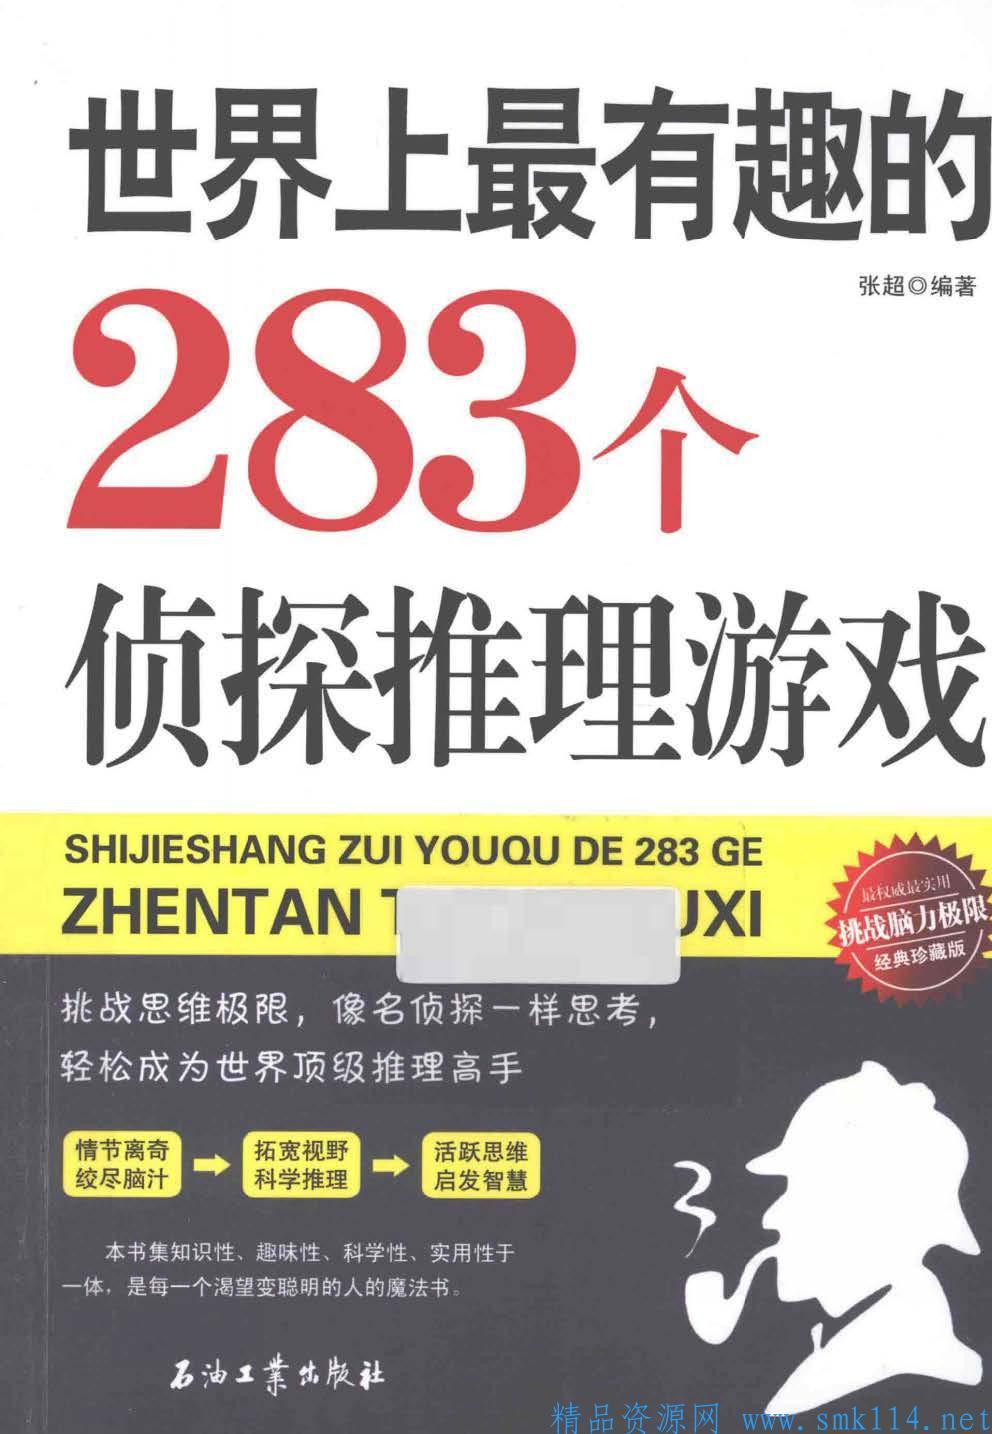 [书籍] 世界上最有趣的 283 个侦探推理游戏 经典珍藏版(挑战思维极限,轻松成为世界顶级推理家)